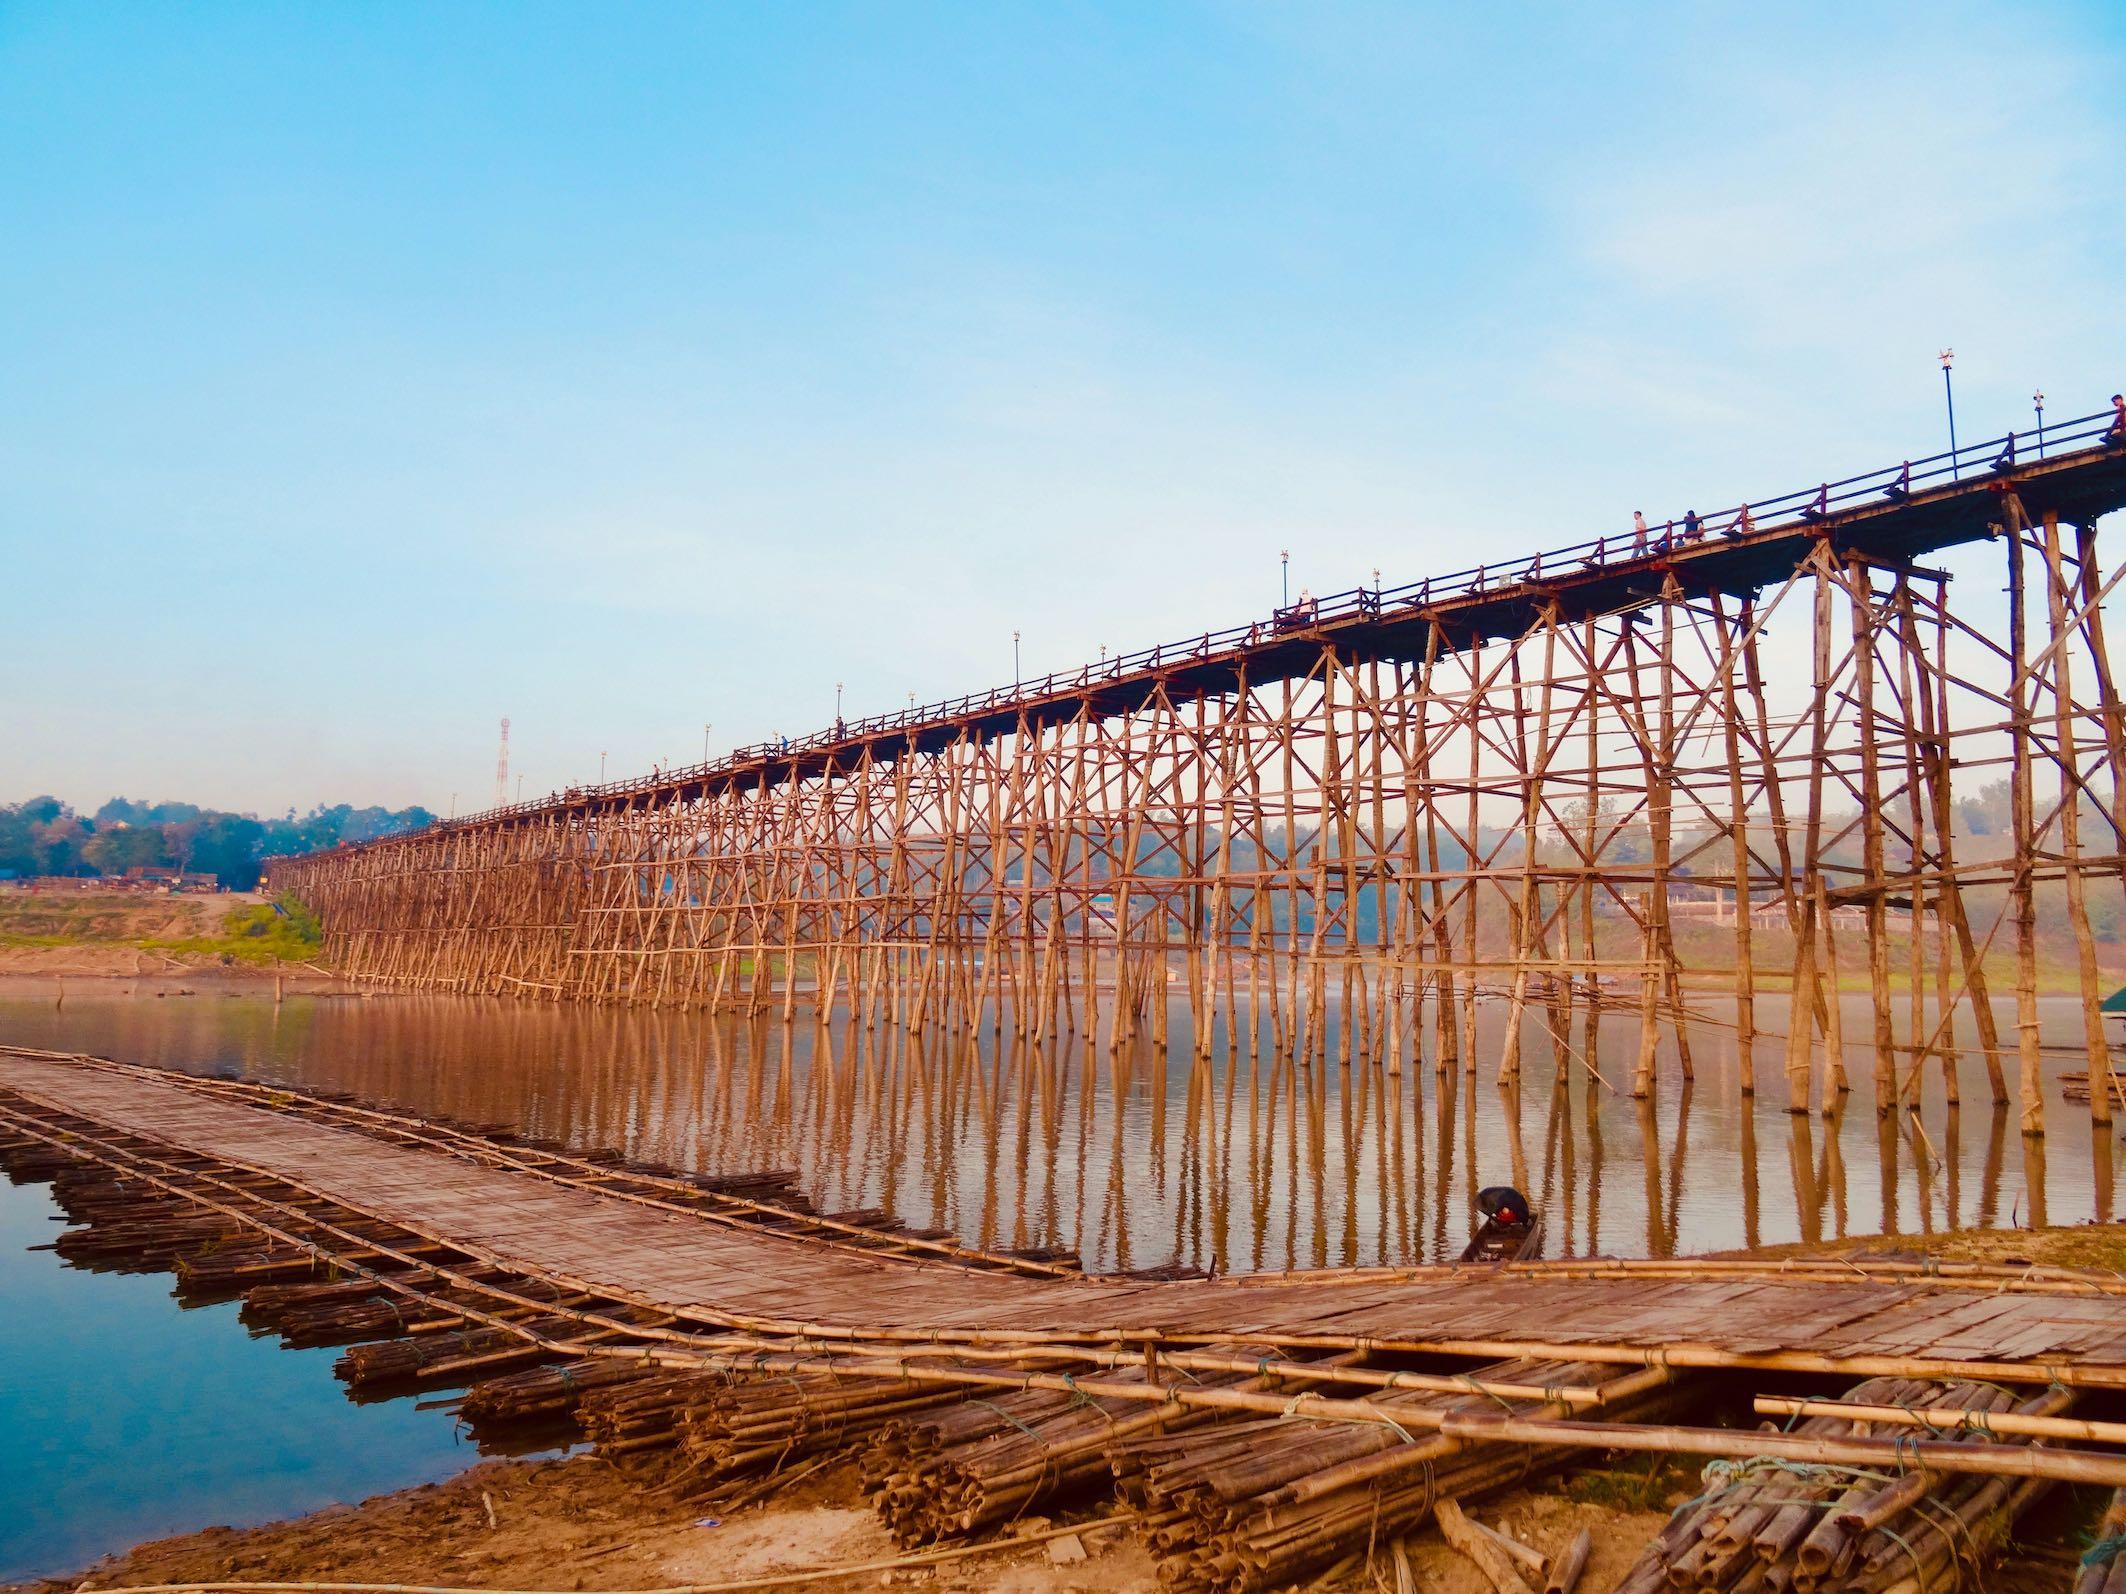 Mon Bridge in Sangkhlaburi.